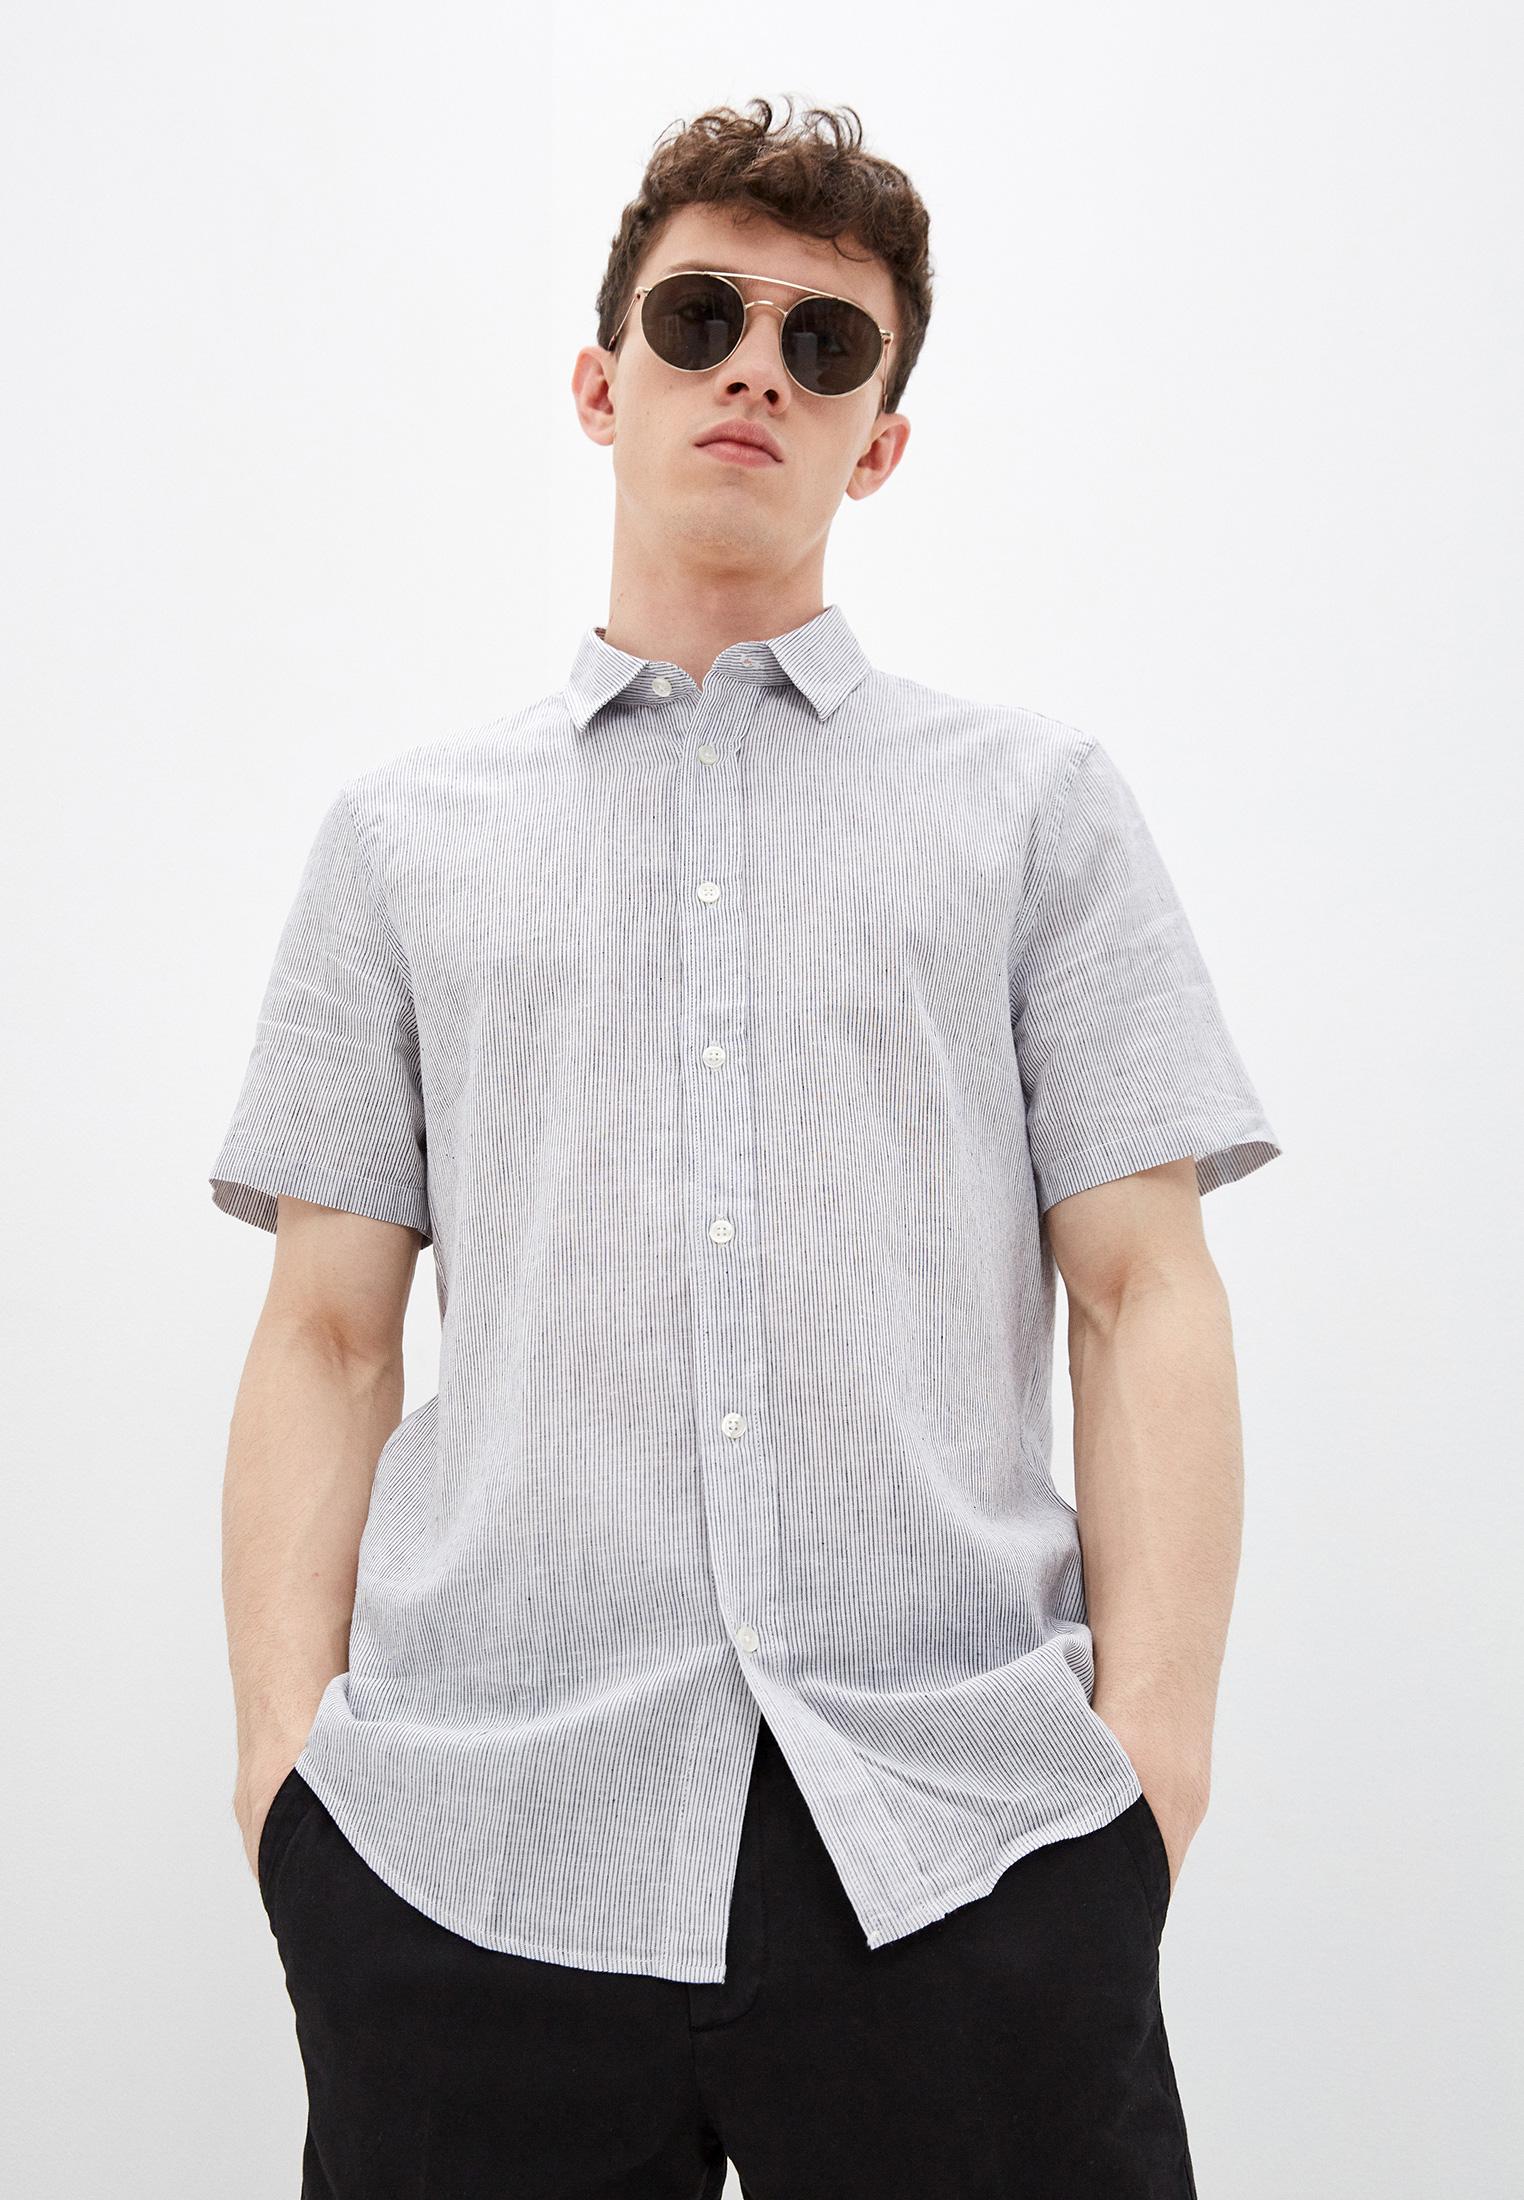 Рубашка с коротким рукавом Bikkembergs (Биккембергс) C C 026 04 T 9756: изображение 1